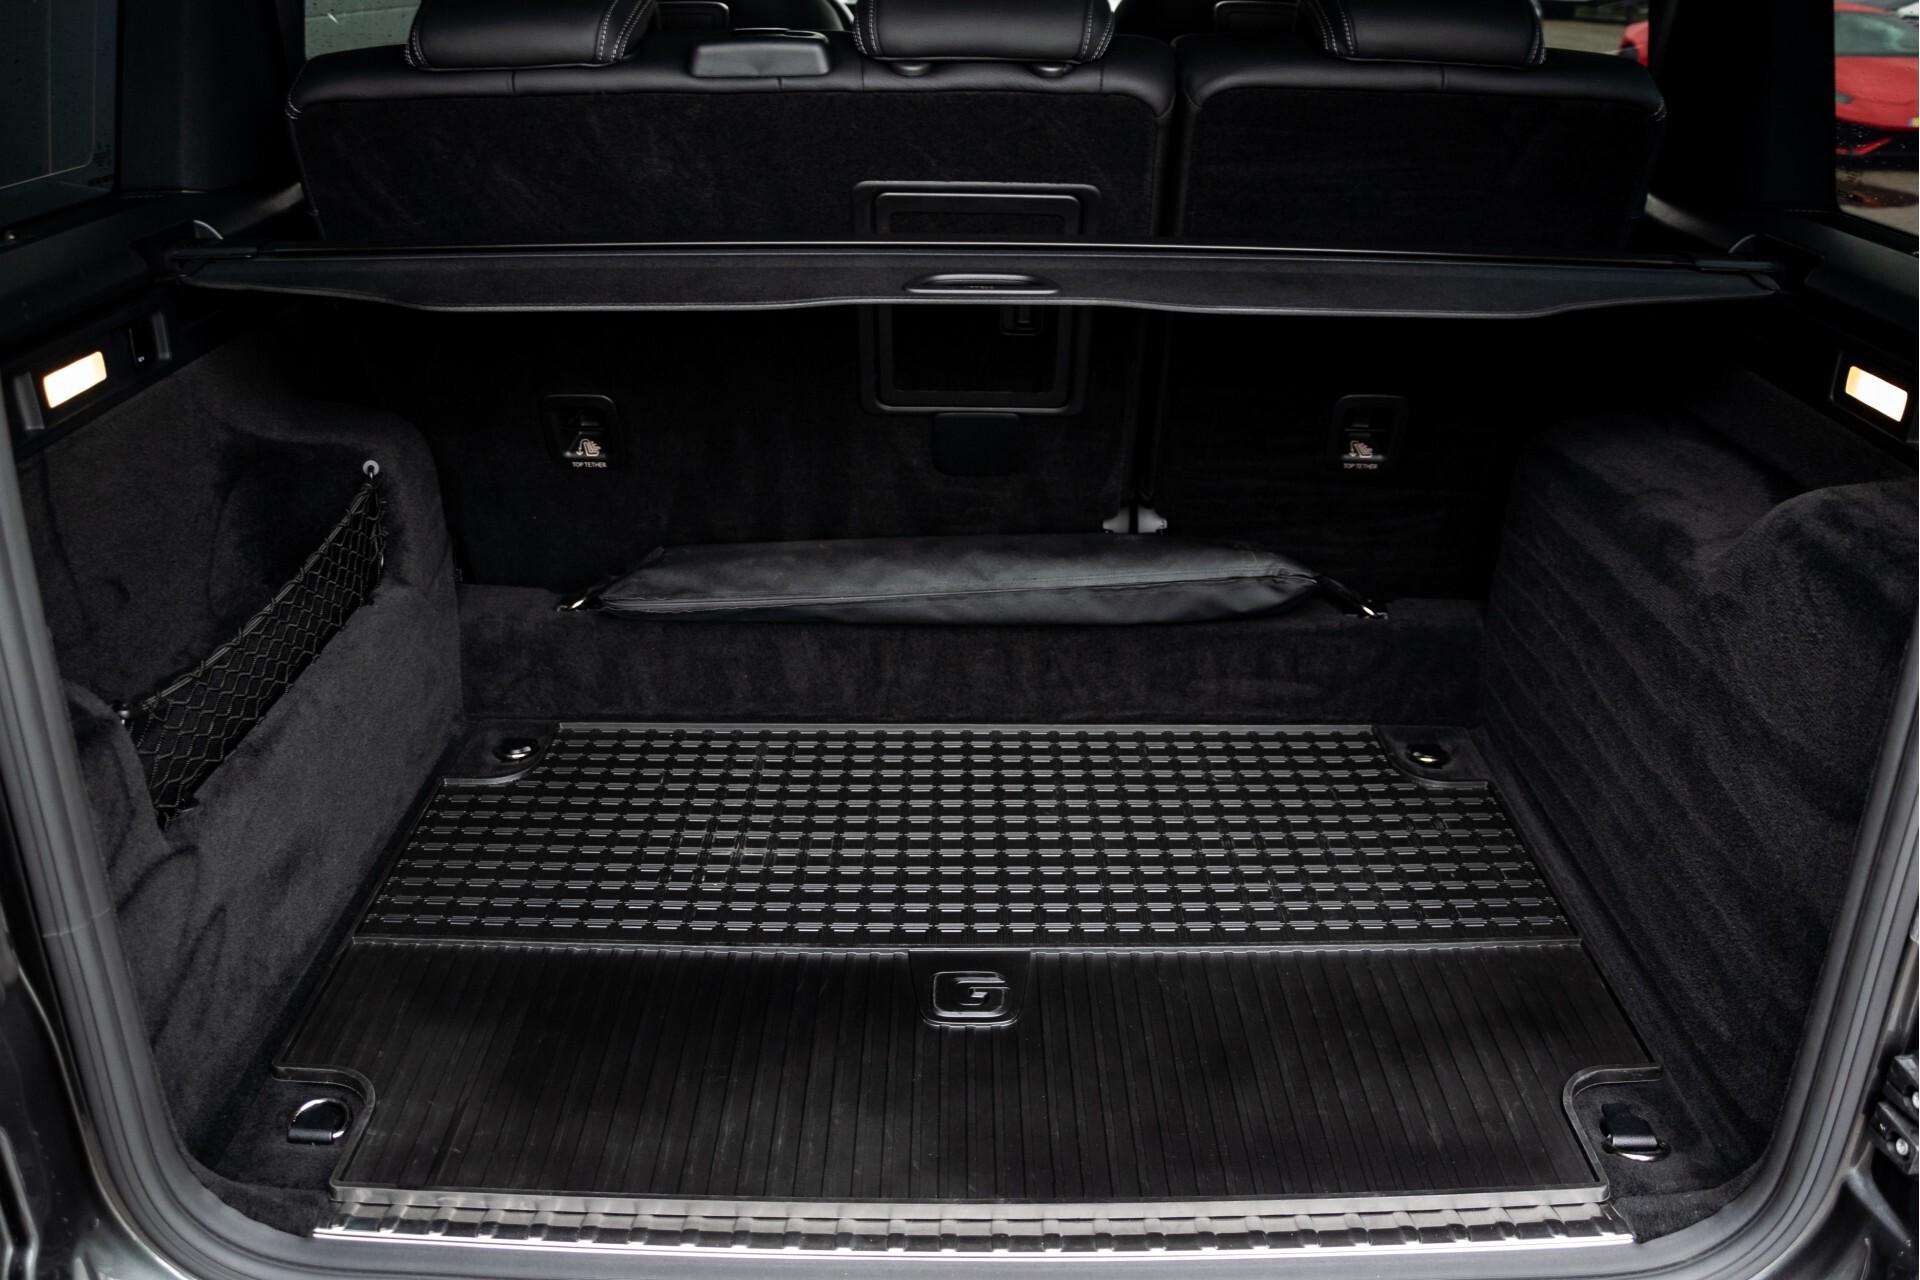 Mercedes-Benz G-Klasse 500 AMG Massage/Entertainment/Manufaktur/Standkachel/Distronic/RVS Aut9 Foto 53